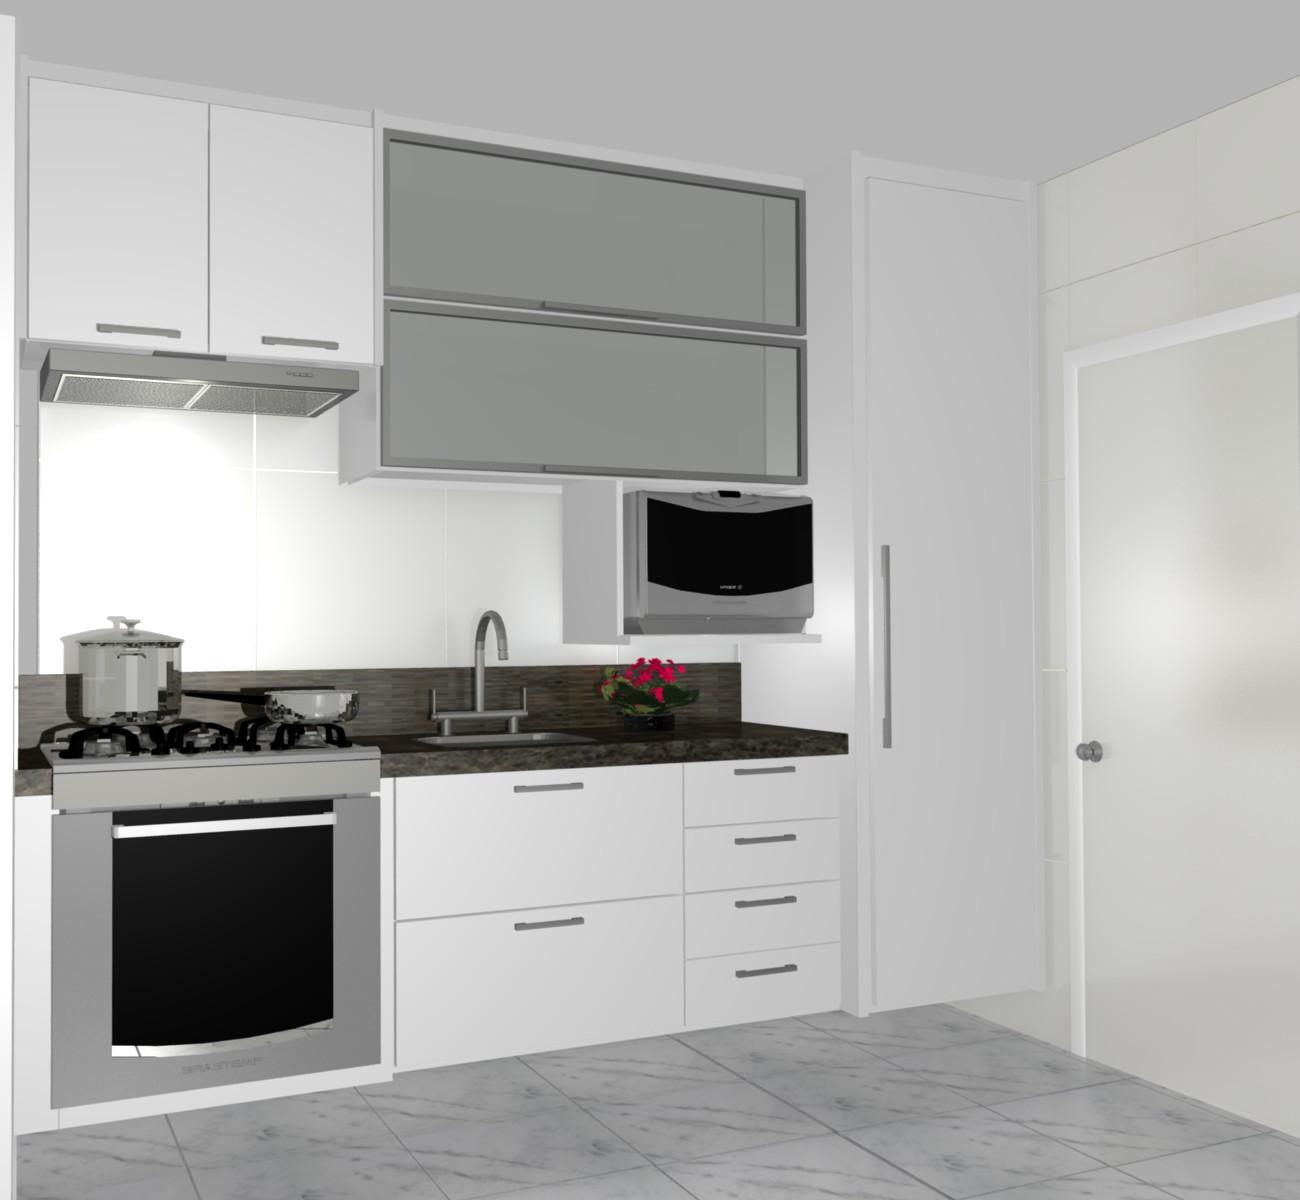 Cozinha De Apartamento Pequeno Simples Reforma Do Apartamento Antes